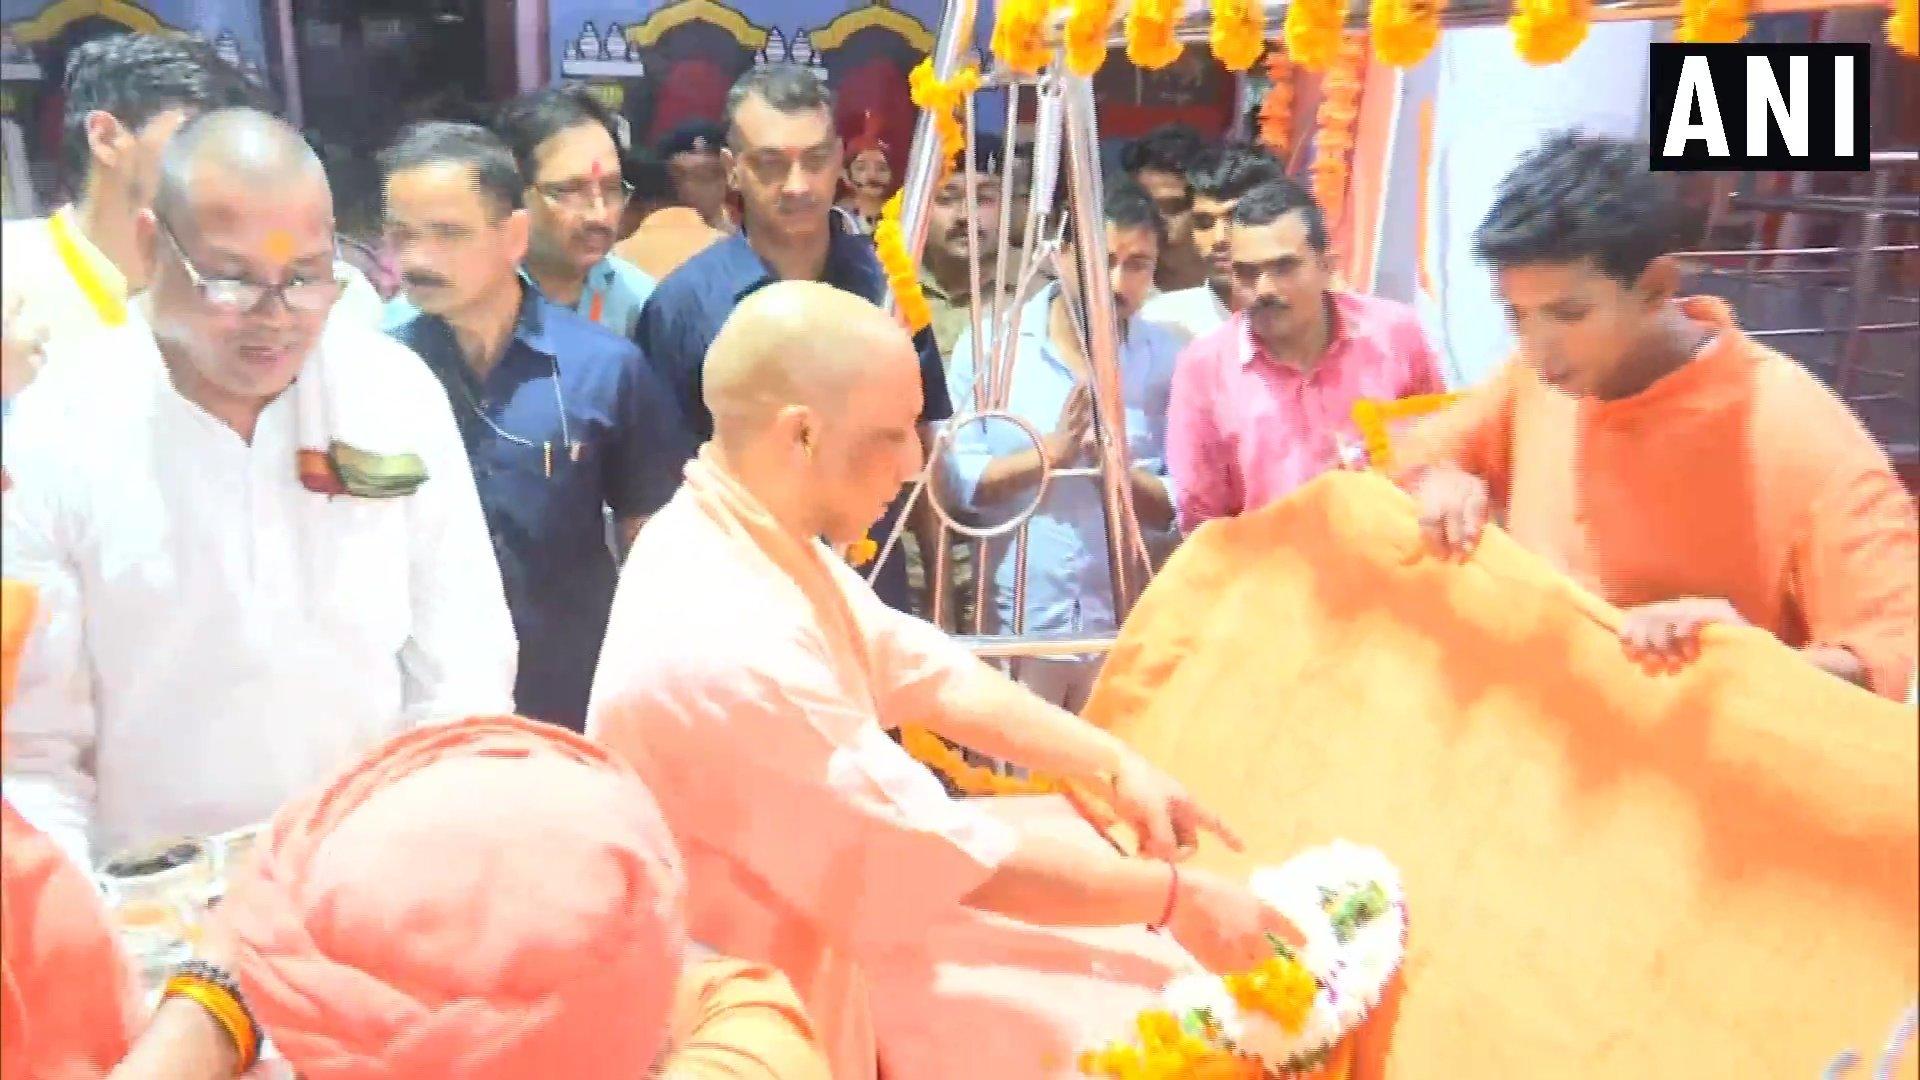 ఉత్తరప్రదేశ్... గోరఖ్పూర్... గోరక్నాథ్ ఆలయంలో కృష్ణాష్టమి వేడుకల్లో పాల్గొన్న సీఎం యోగి ఆదిత్యనాథ్ (image : Twitter - ANI)